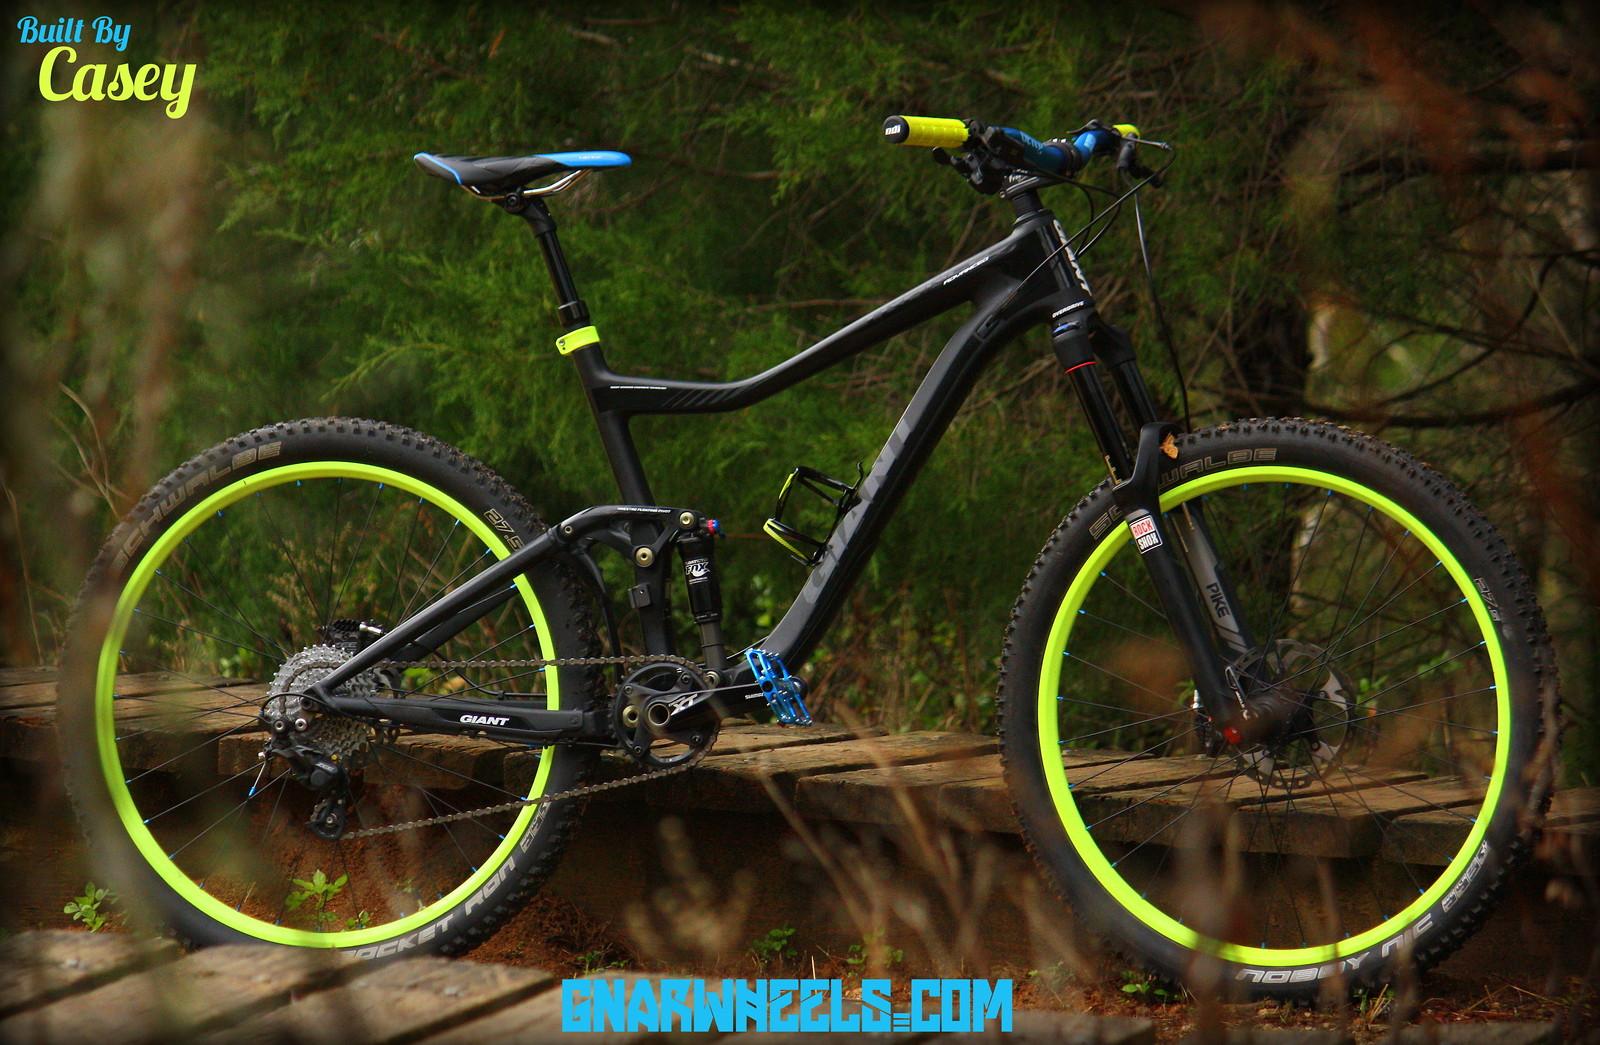 Neon 2014 Giant Trance X Advance 27.5